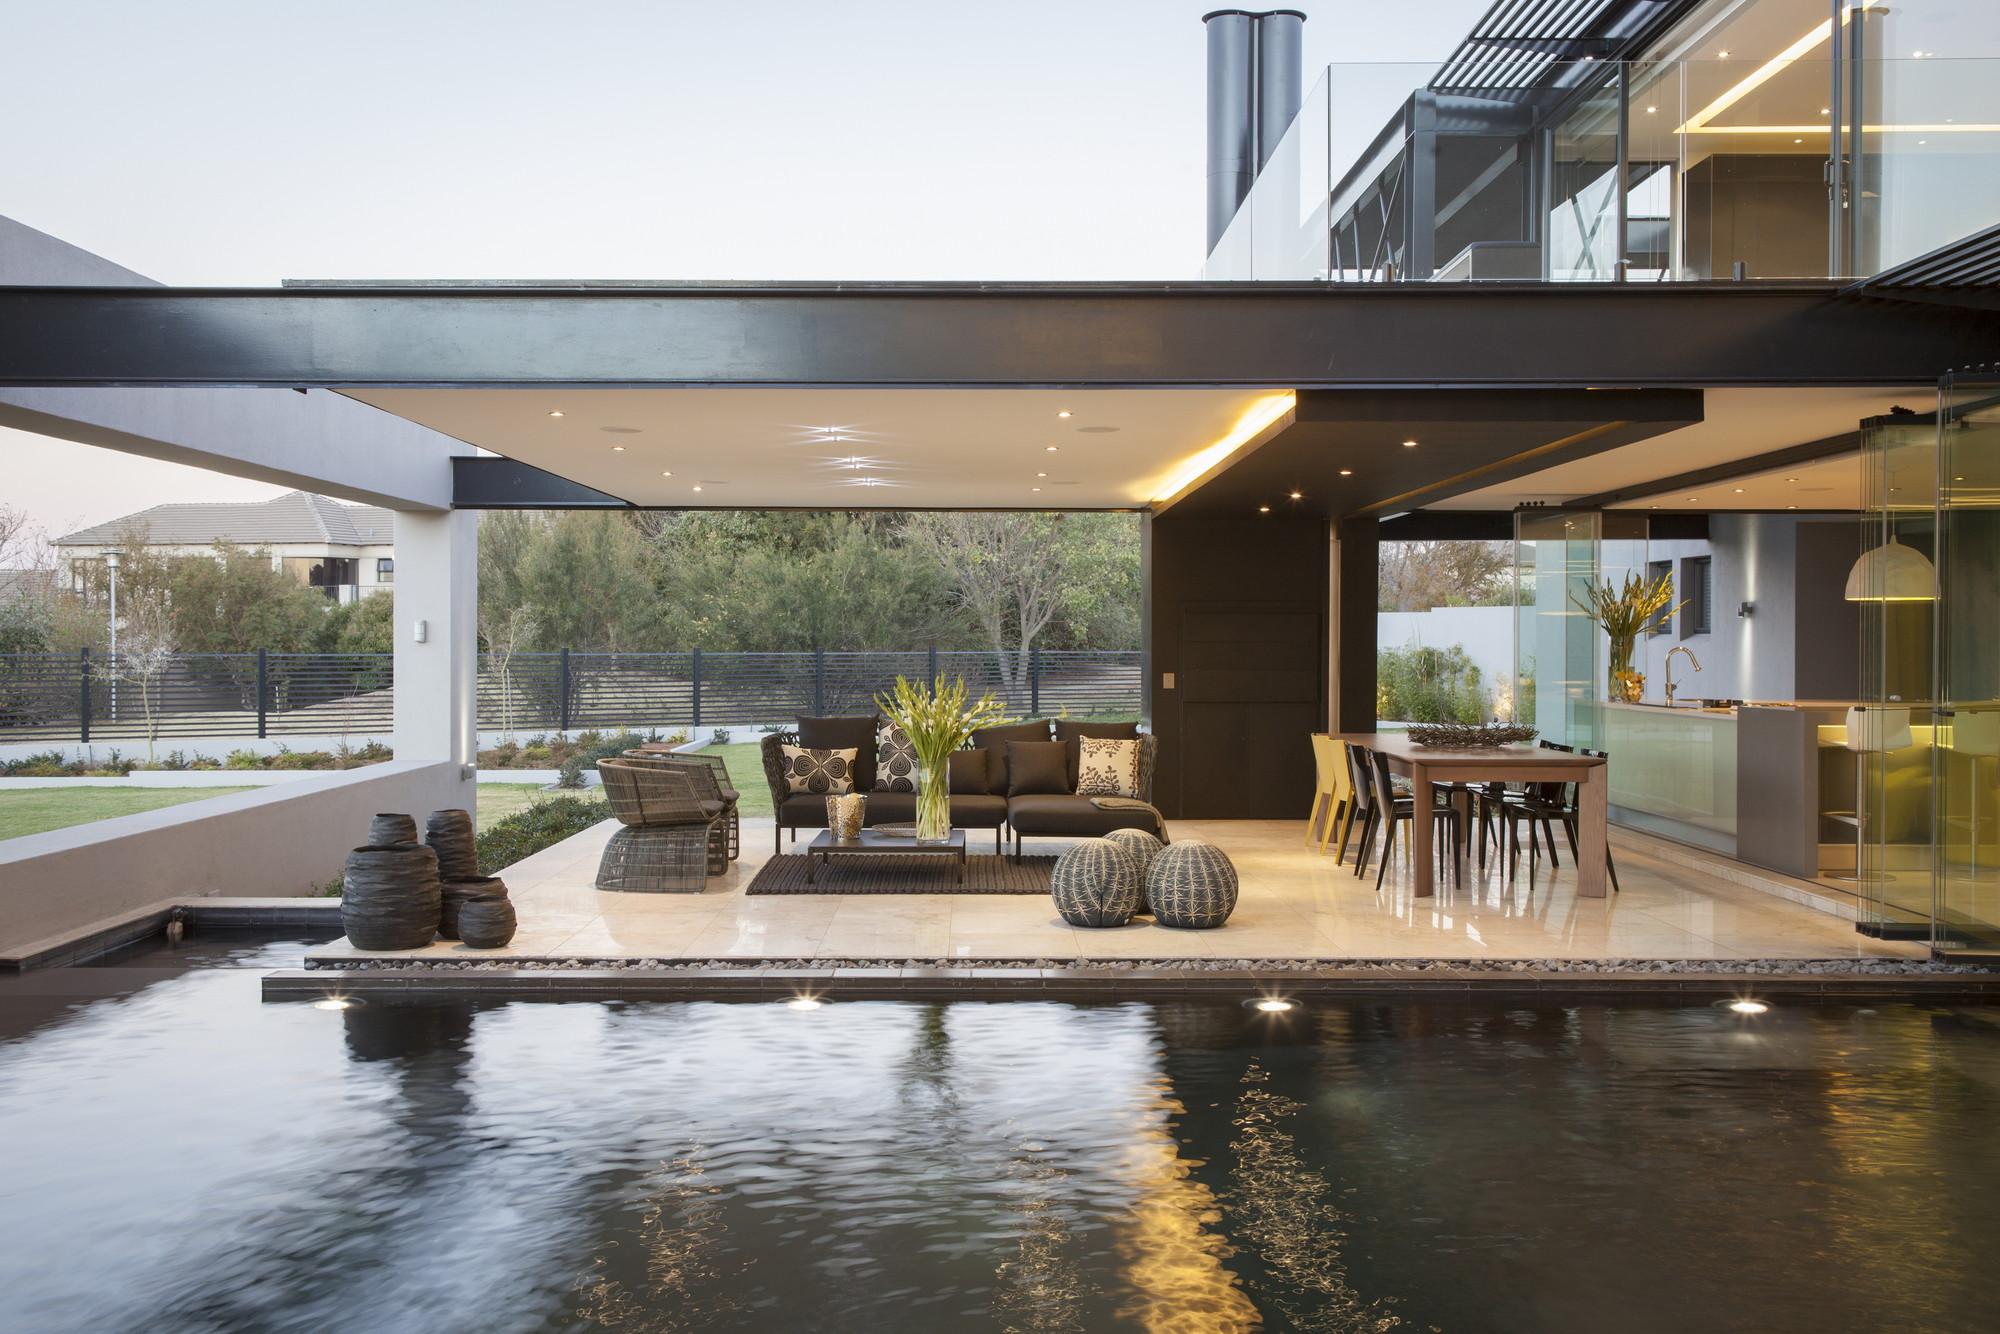 House Ber / Nico van der Meulen Architects